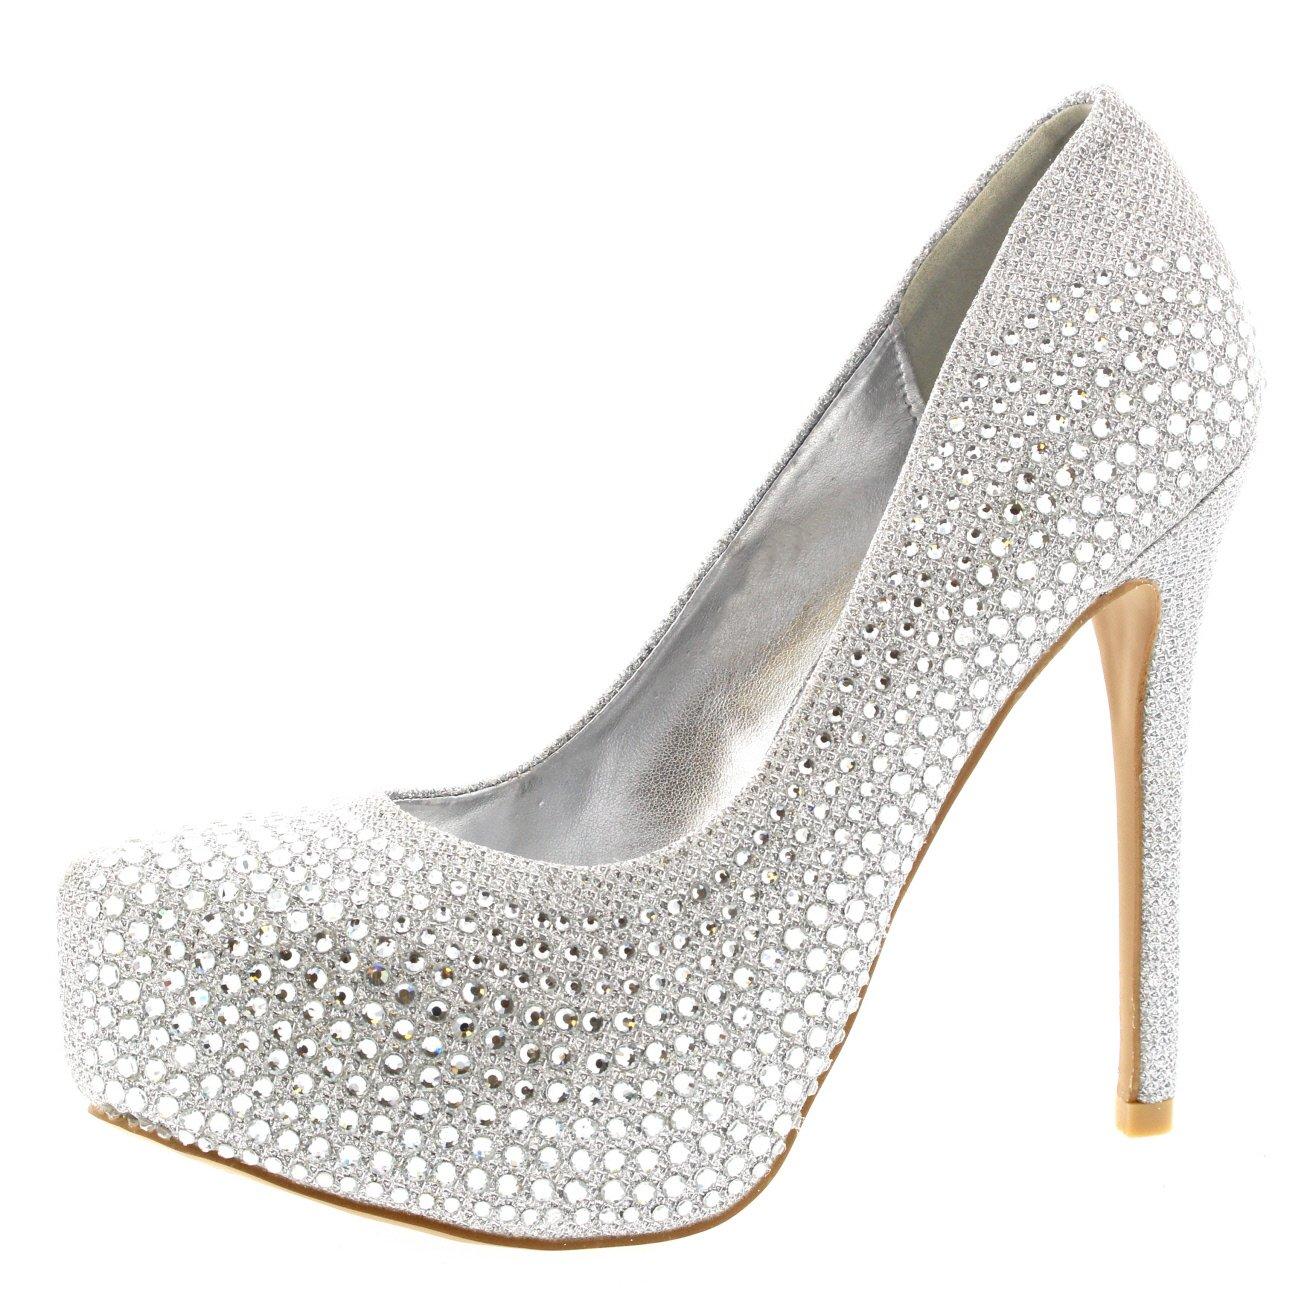 Viva Femmes Stylet Diamante Fê te Soir Talon Haut Plate-Formes Escarpins